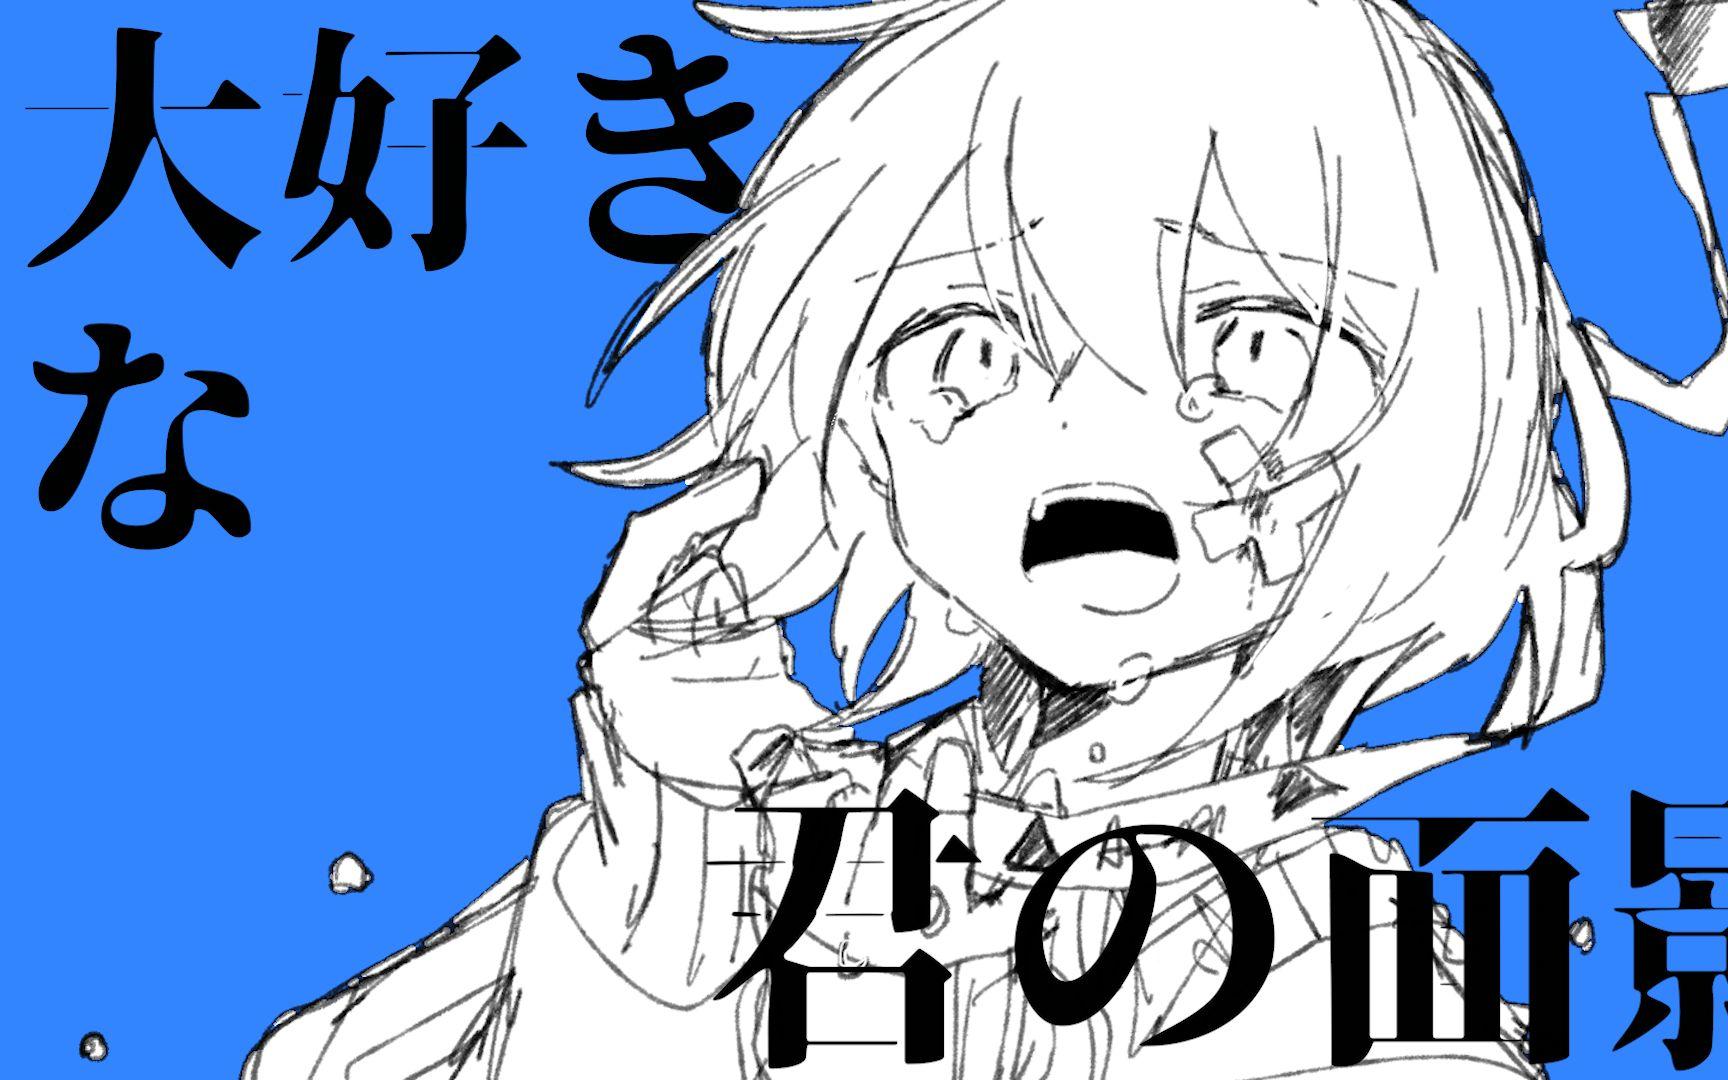 【原创歌曲】泣き叫ぶくらいにCry/373 feat.初音ミク 【初音未来】【VOCALOID】